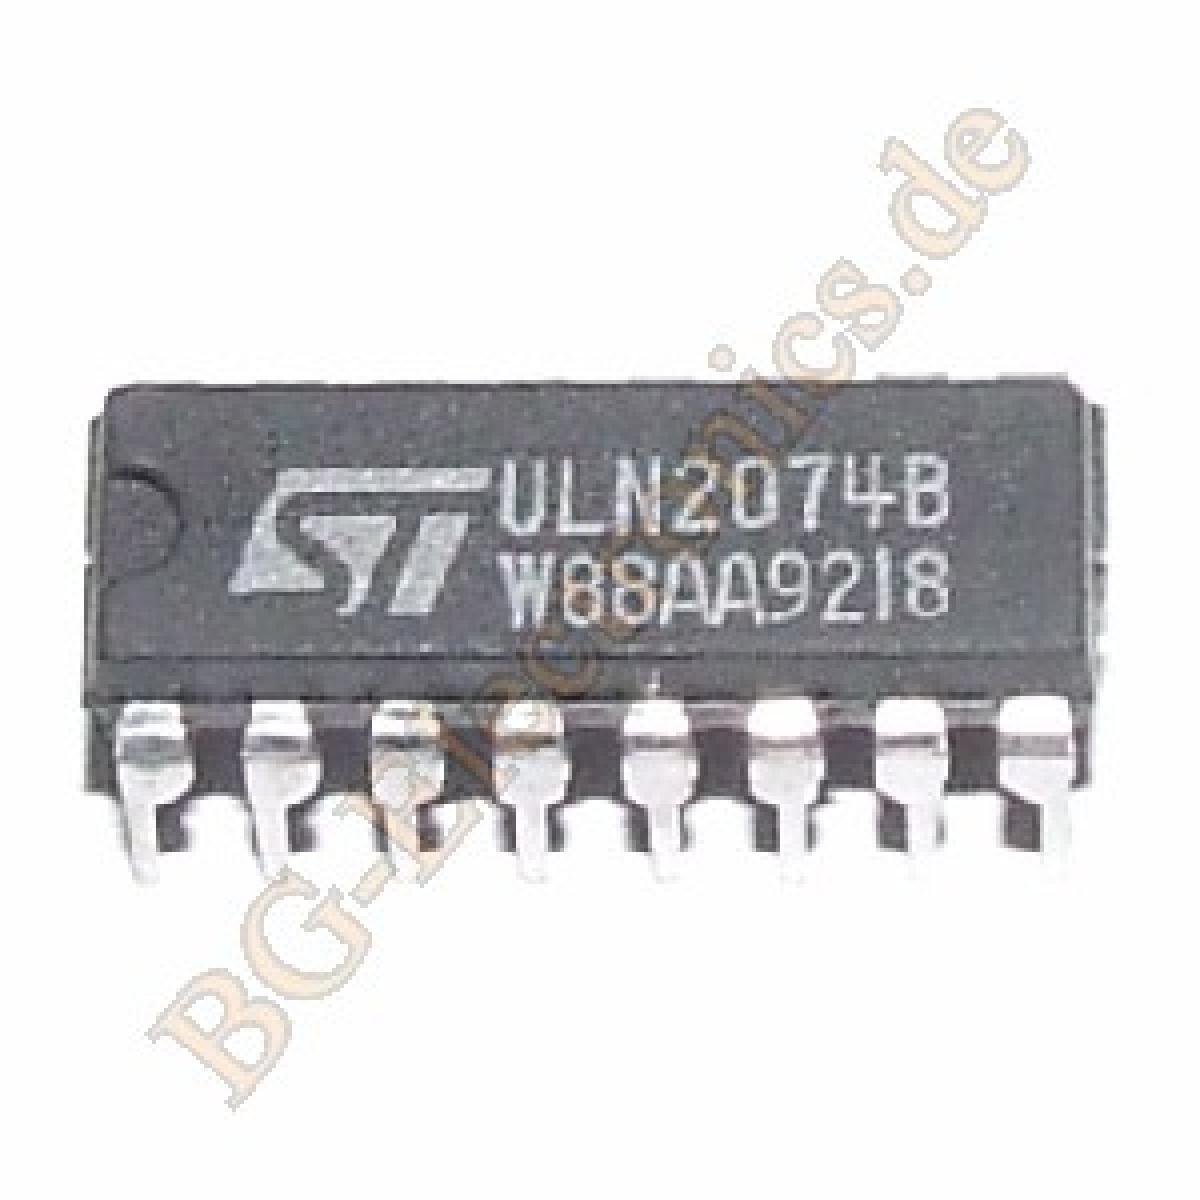 1.5A QUAD DARLINGTON SWITCHES 5PCS ULN2064B DIP 50V